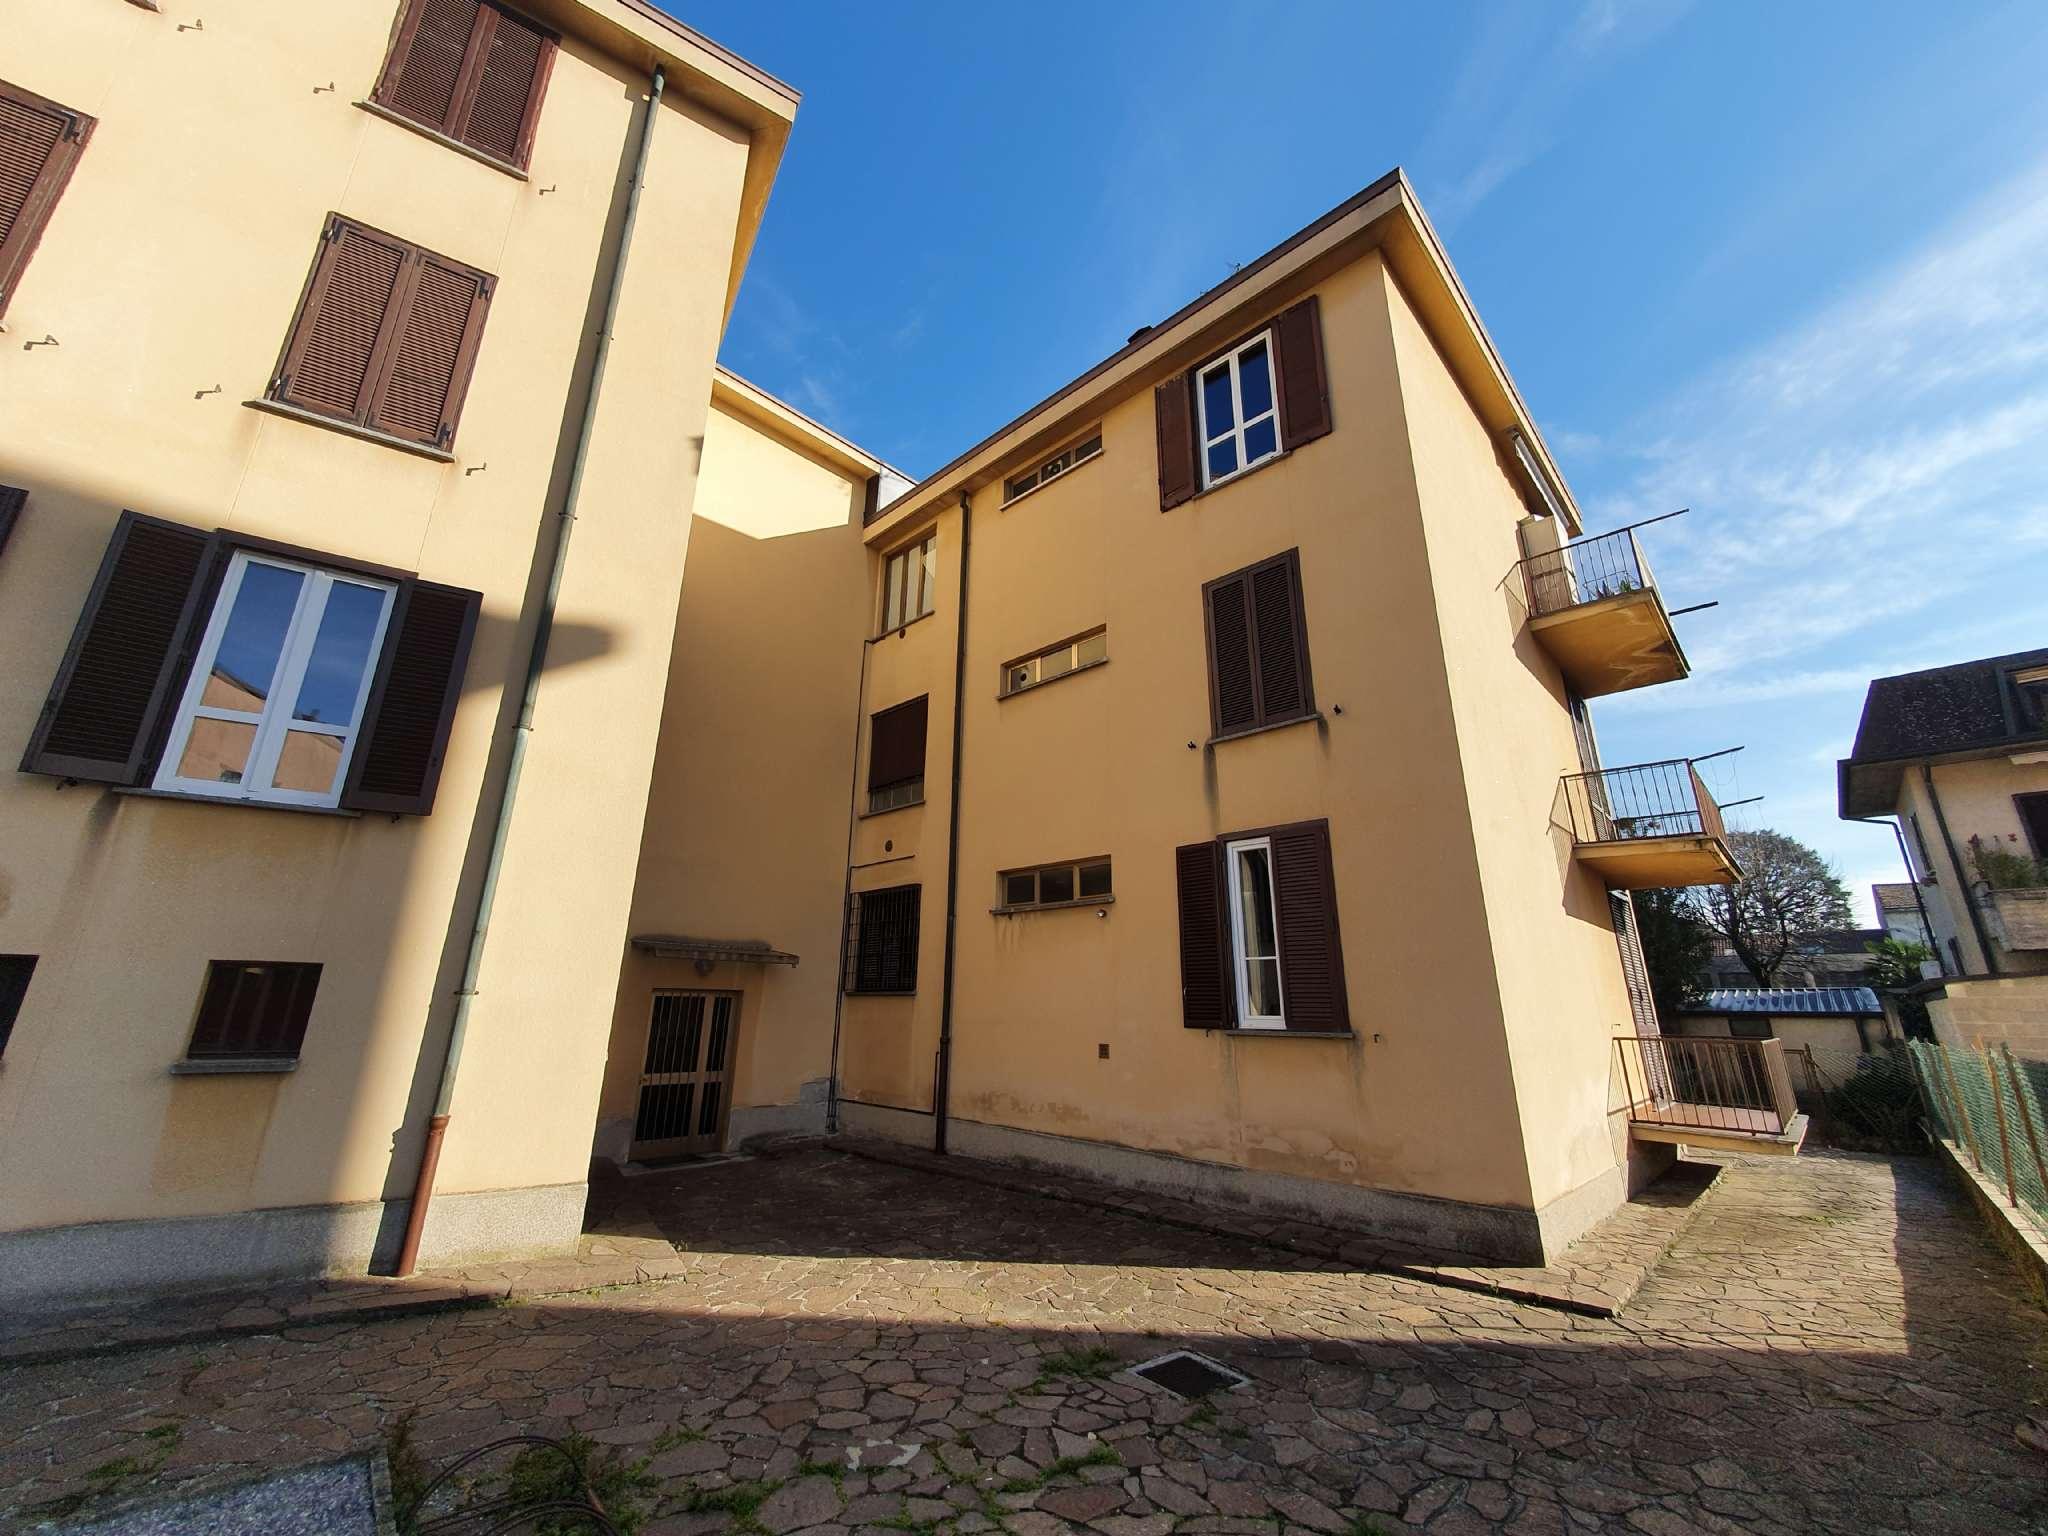 Appartamento in vendita a Cabiate, 3 locali, prezzo € 85.000 | PortaleAgenzieImmobiliari.it